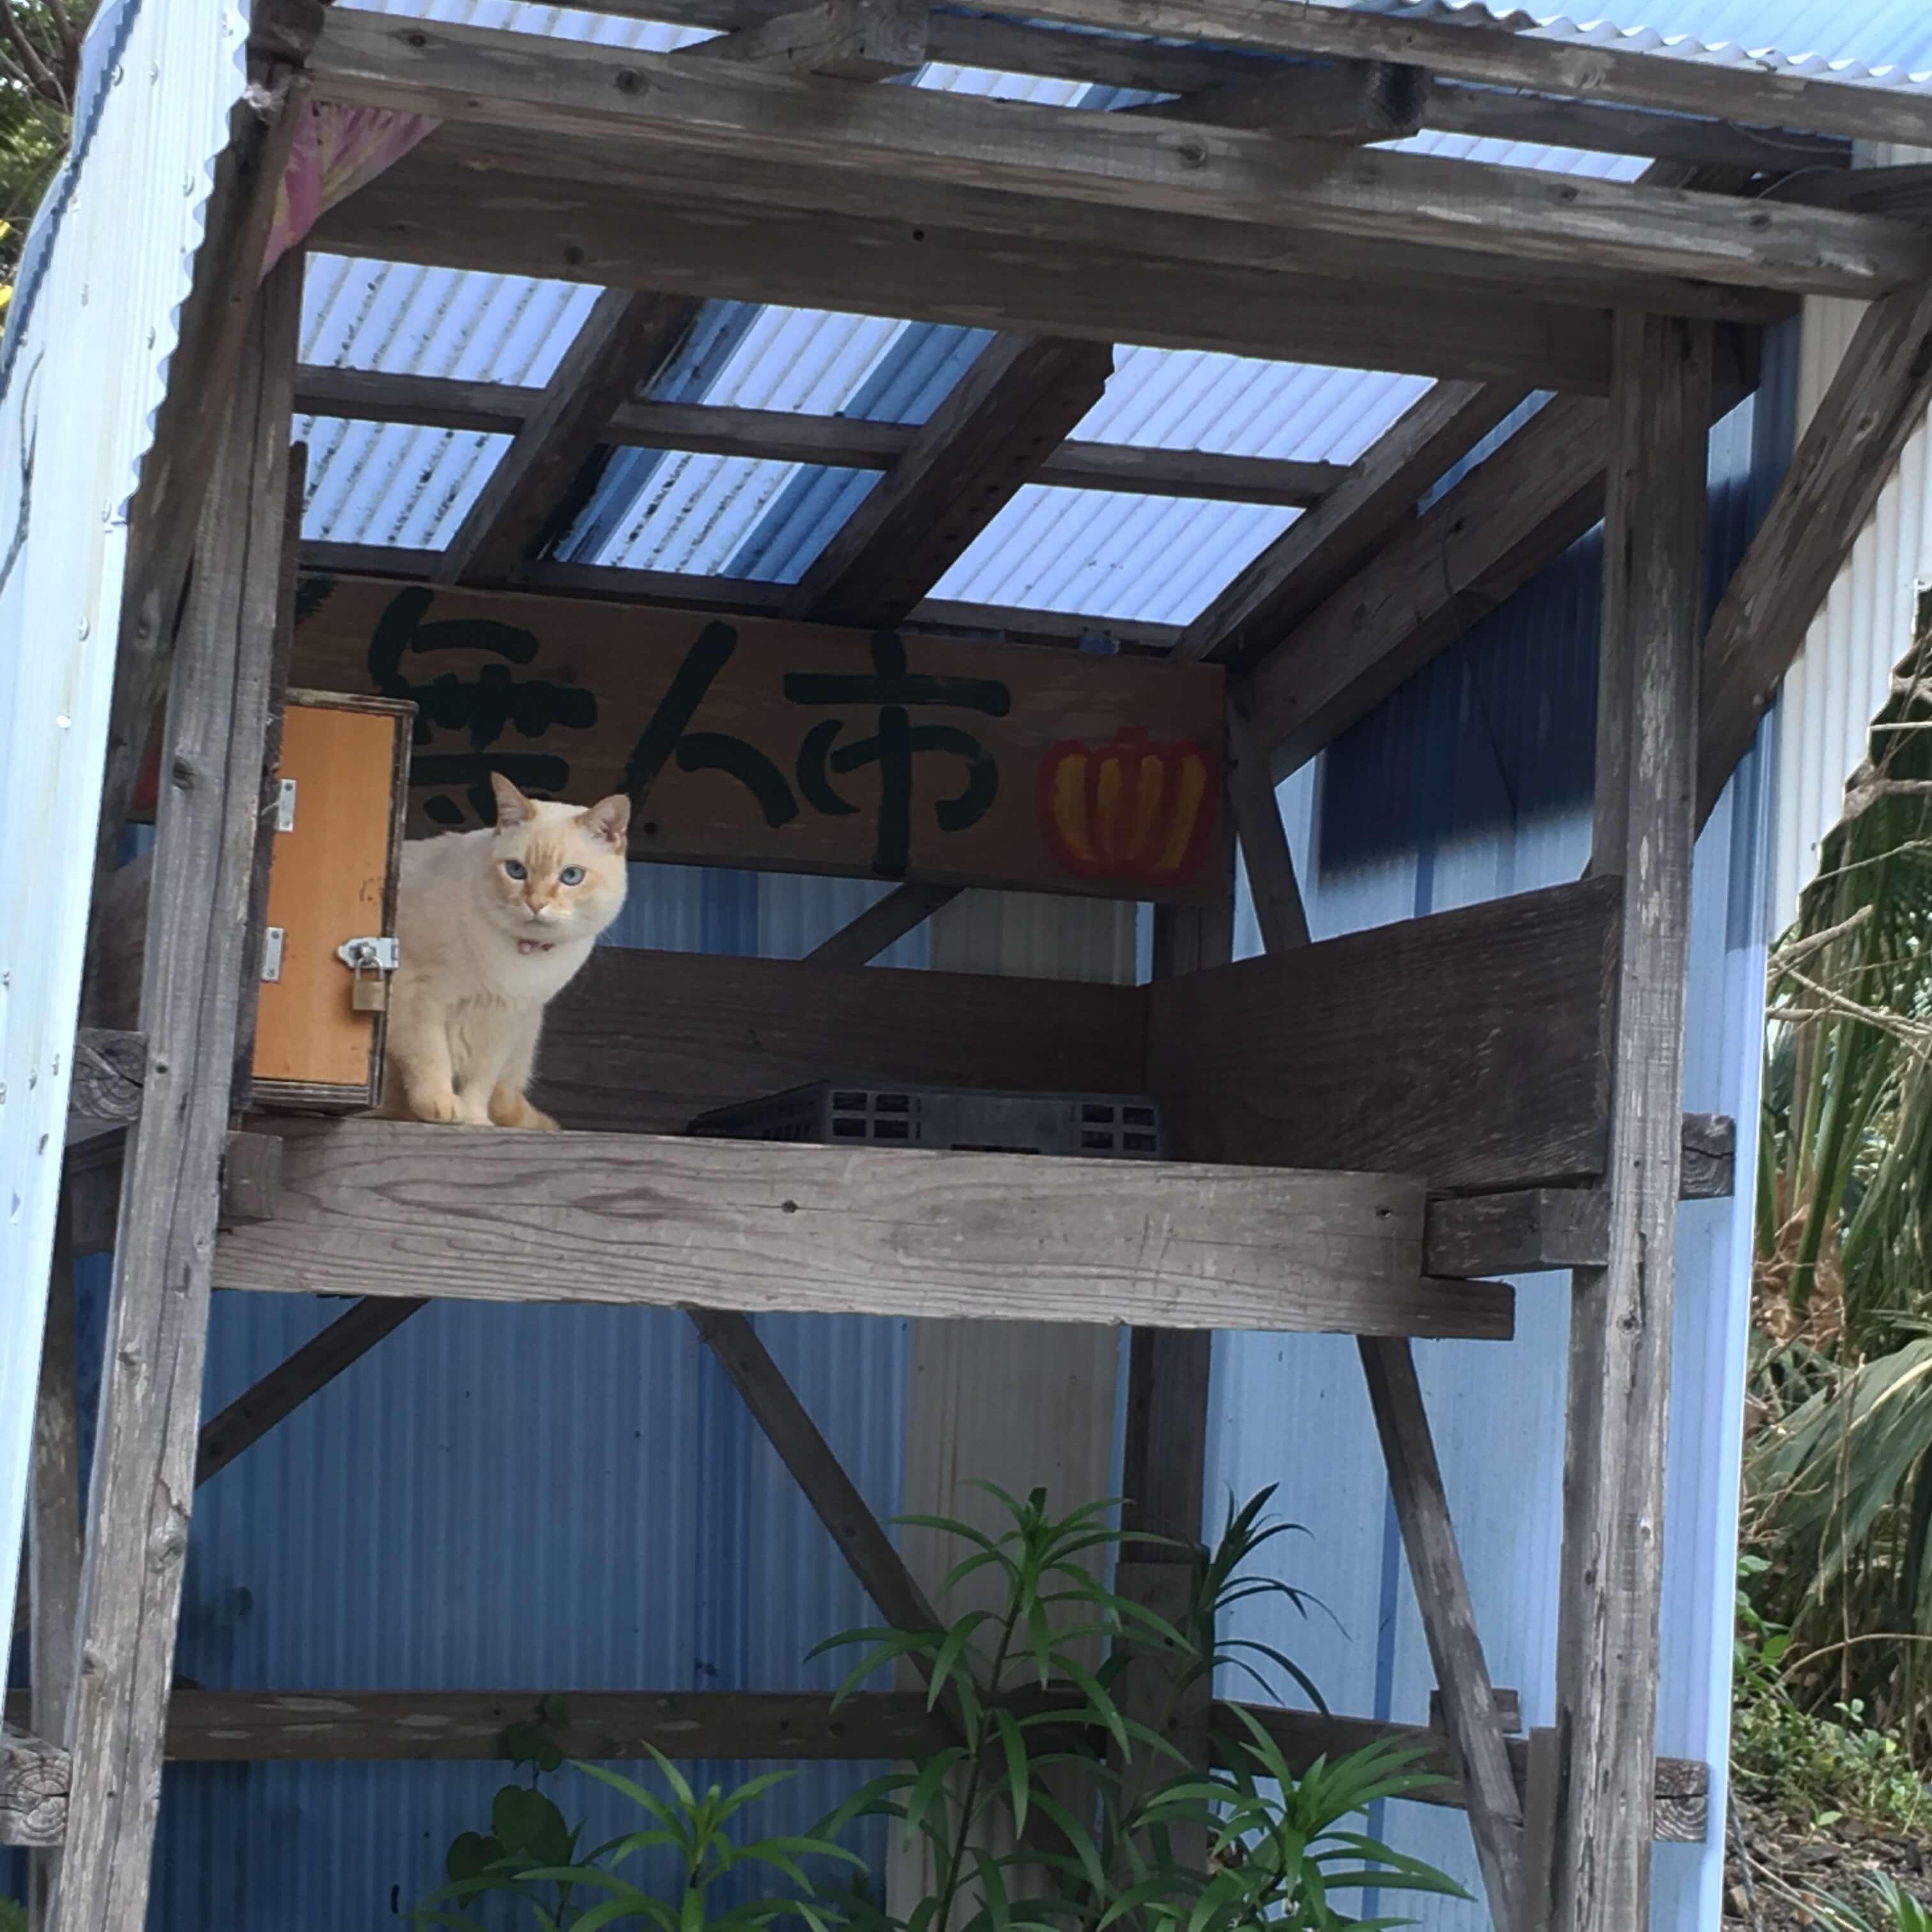 無人市場に猫 屋久島日々の暮らしとジュエリー 屋久島でつくる結婚指輪